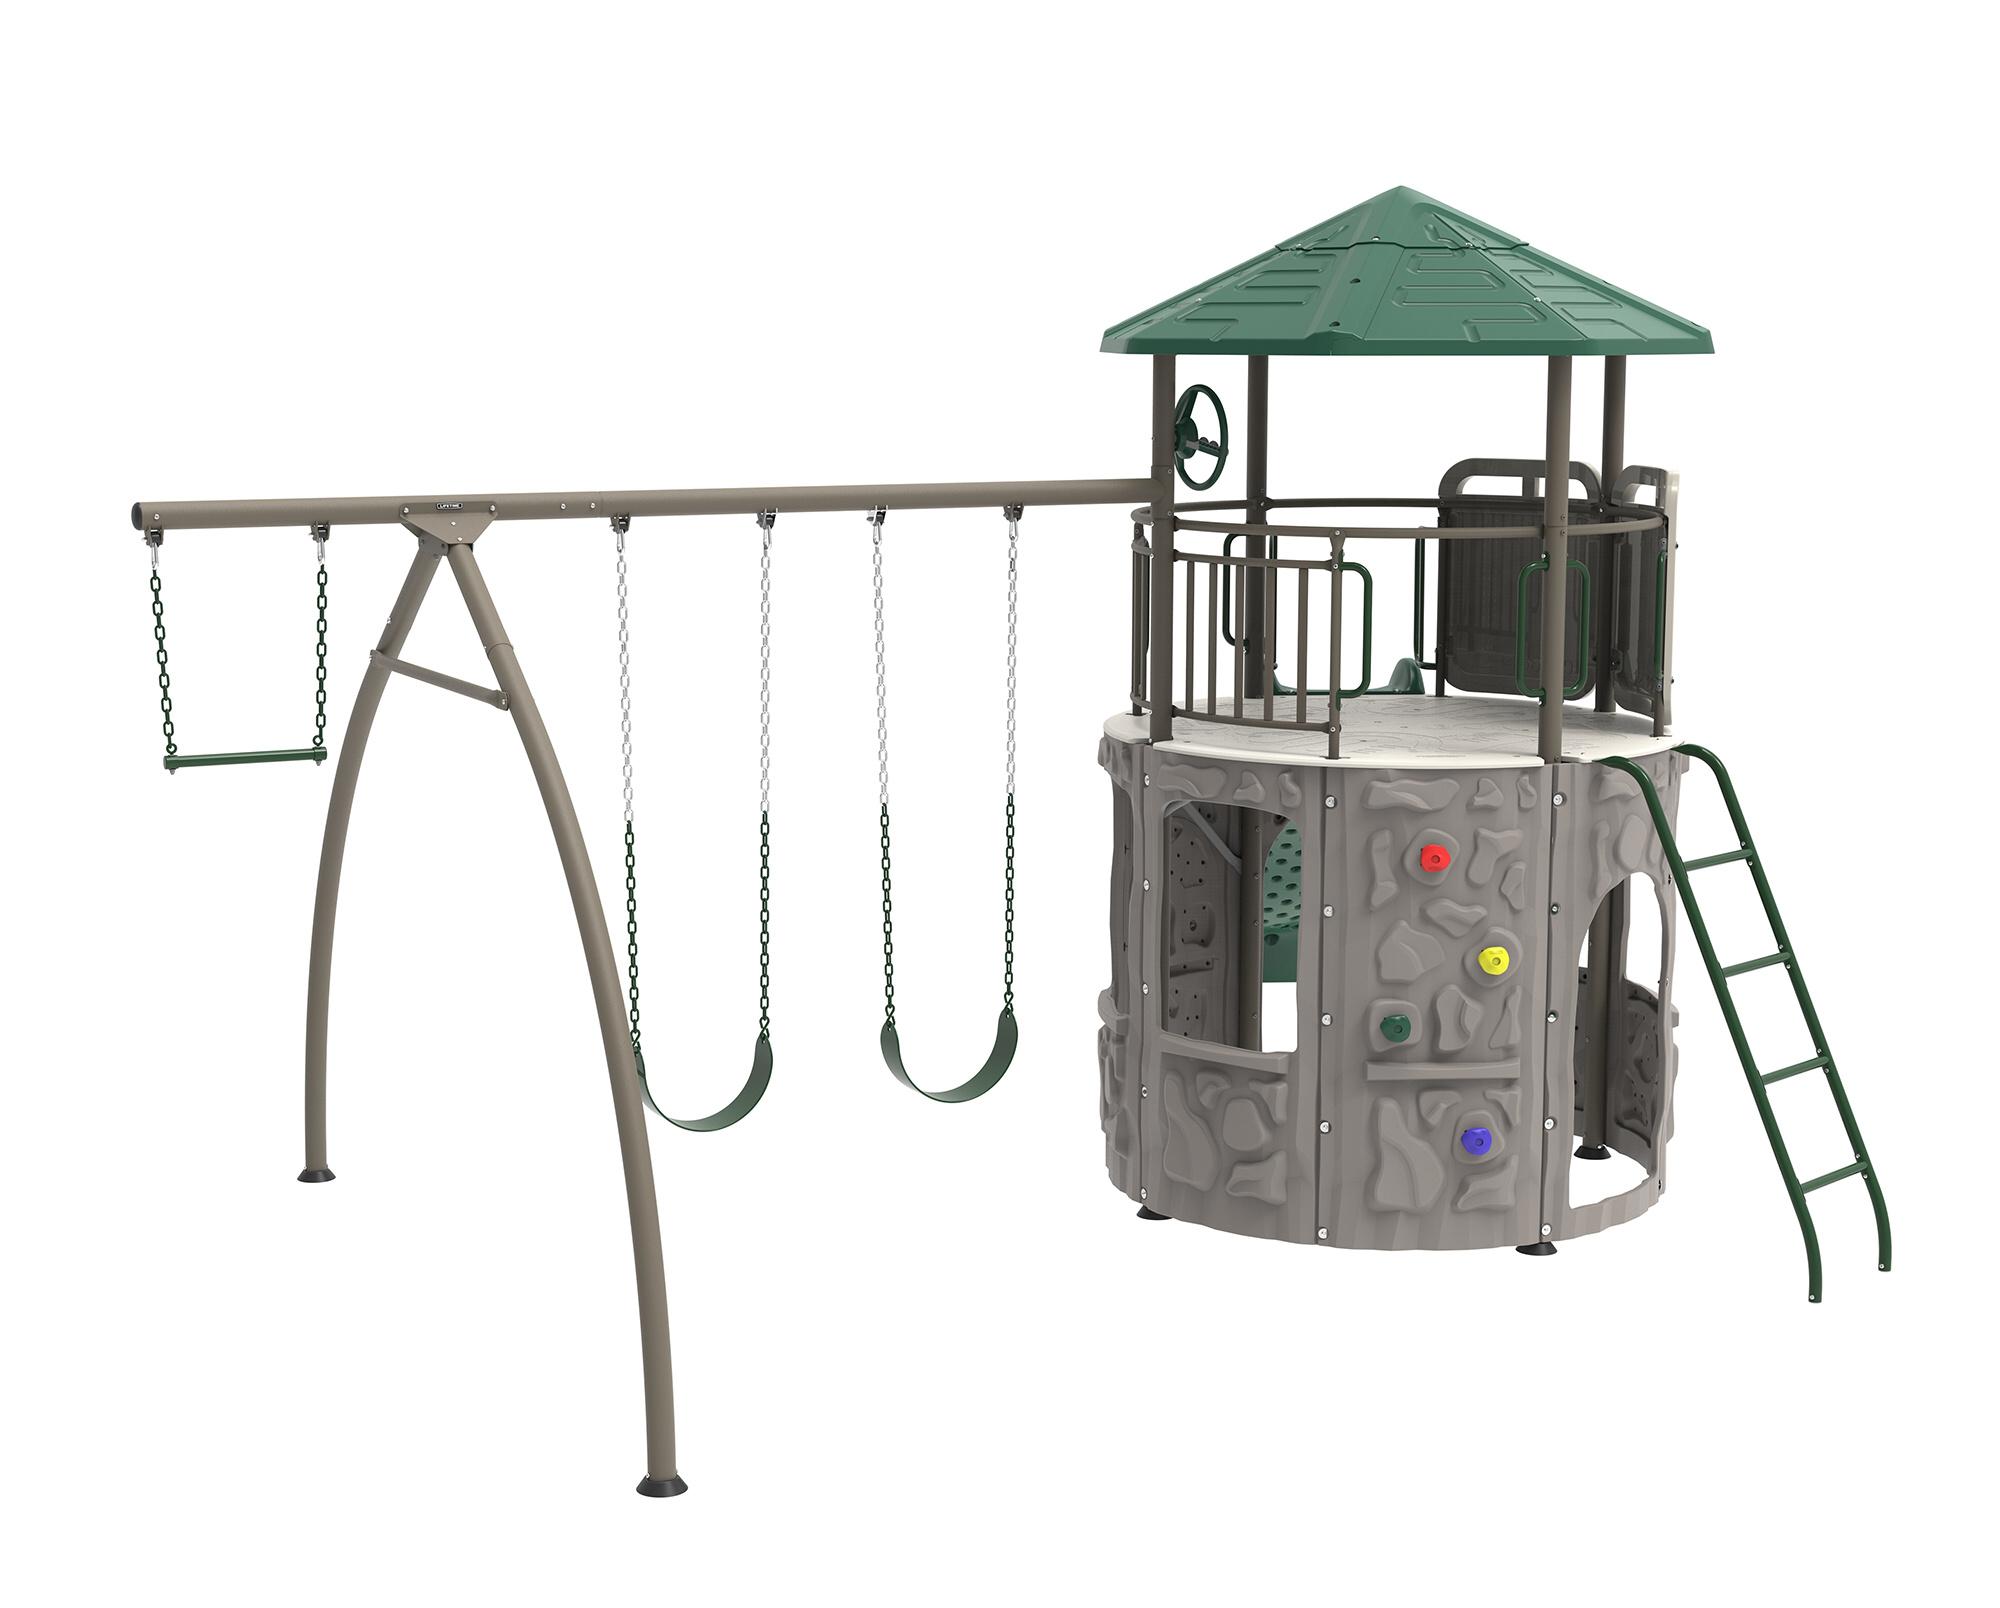 dětské hřiště LIFETIME TOWER 90830